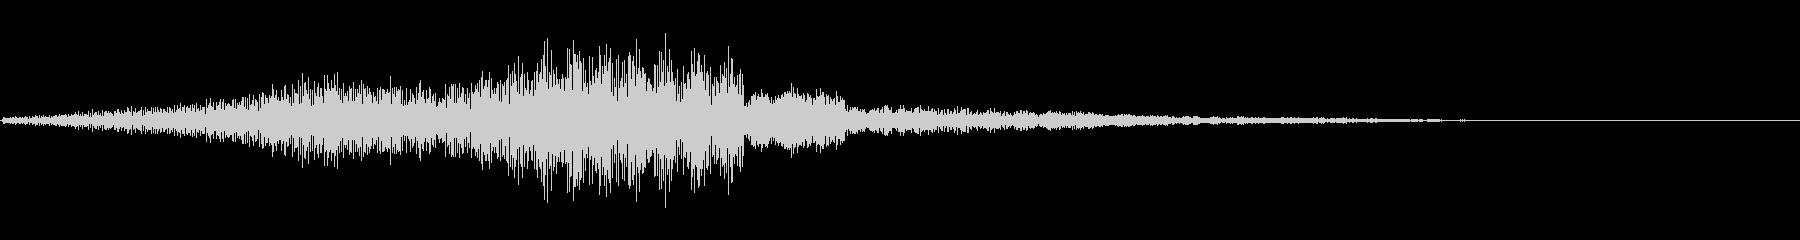 ゲームオーバー(ホラー・ノイズ)2の未再生の波形